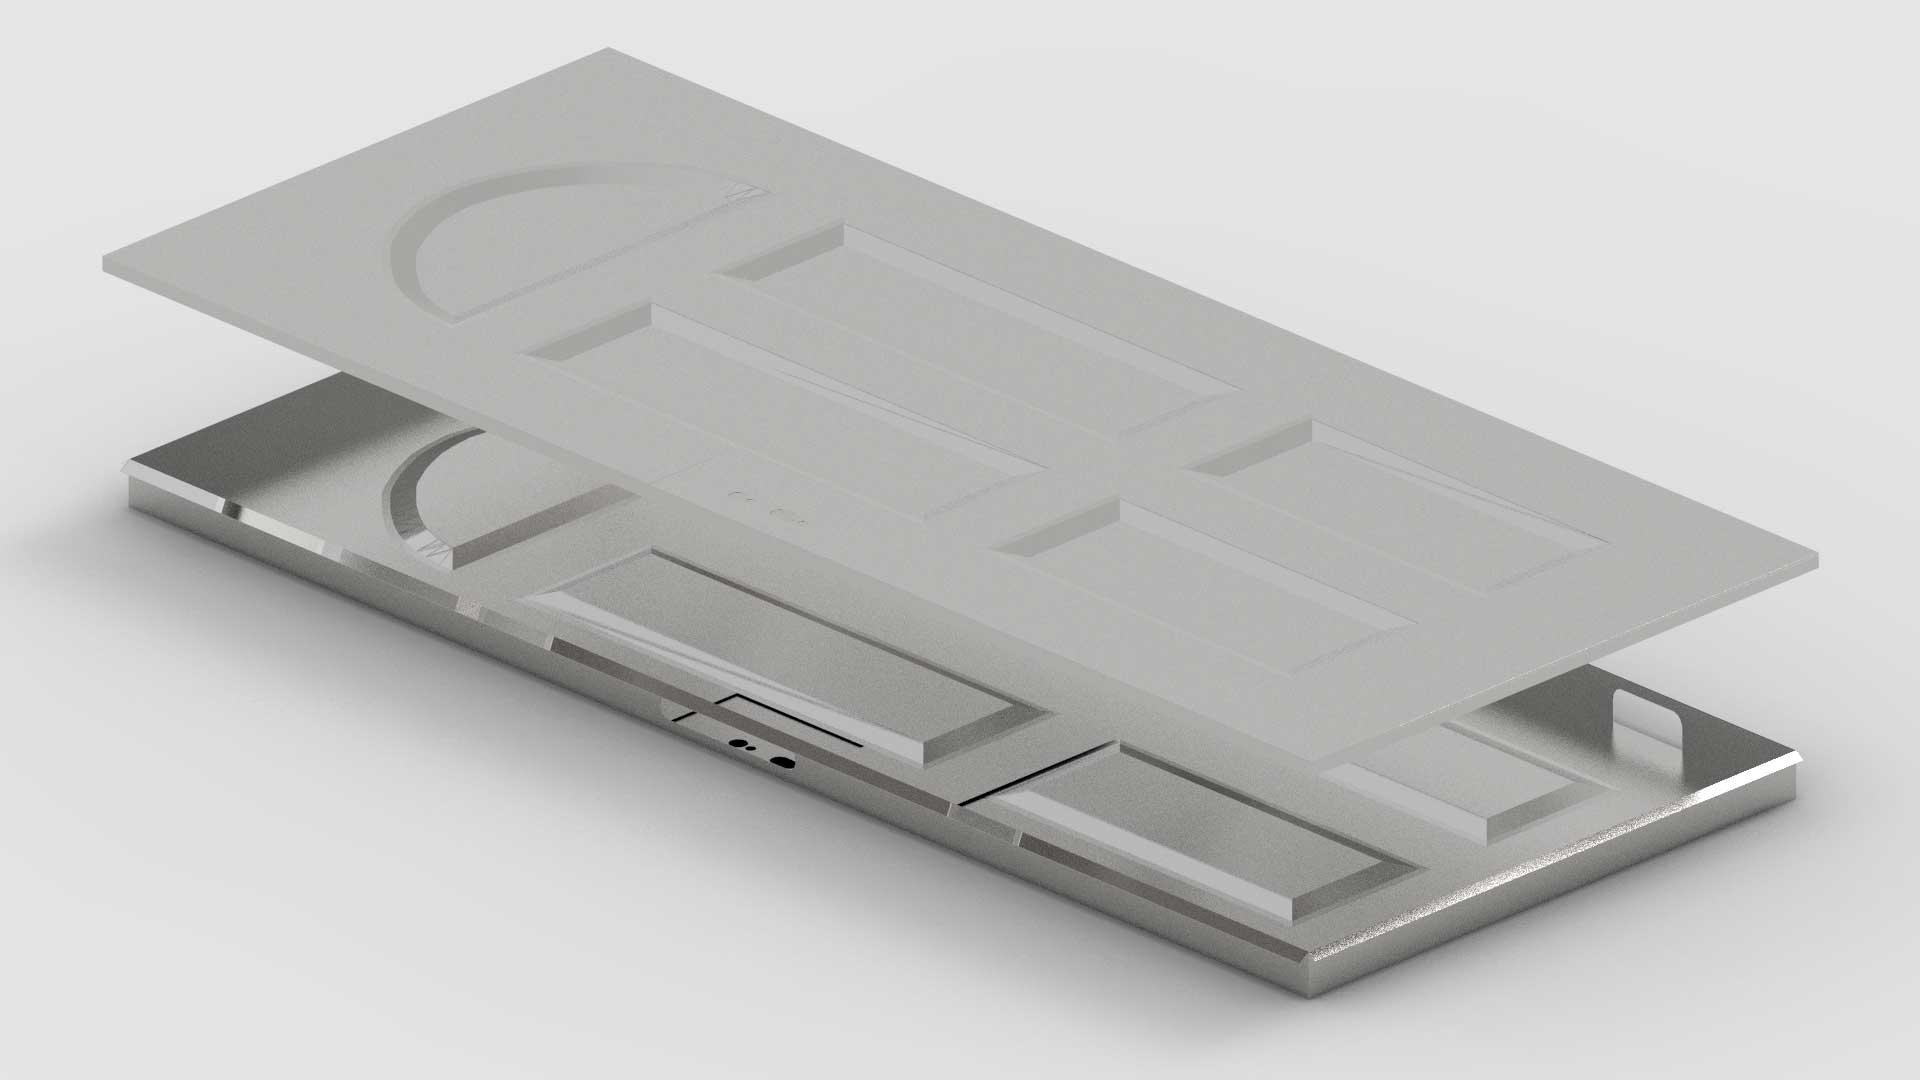 stalen-deuren-box-cover-product-1.jpg